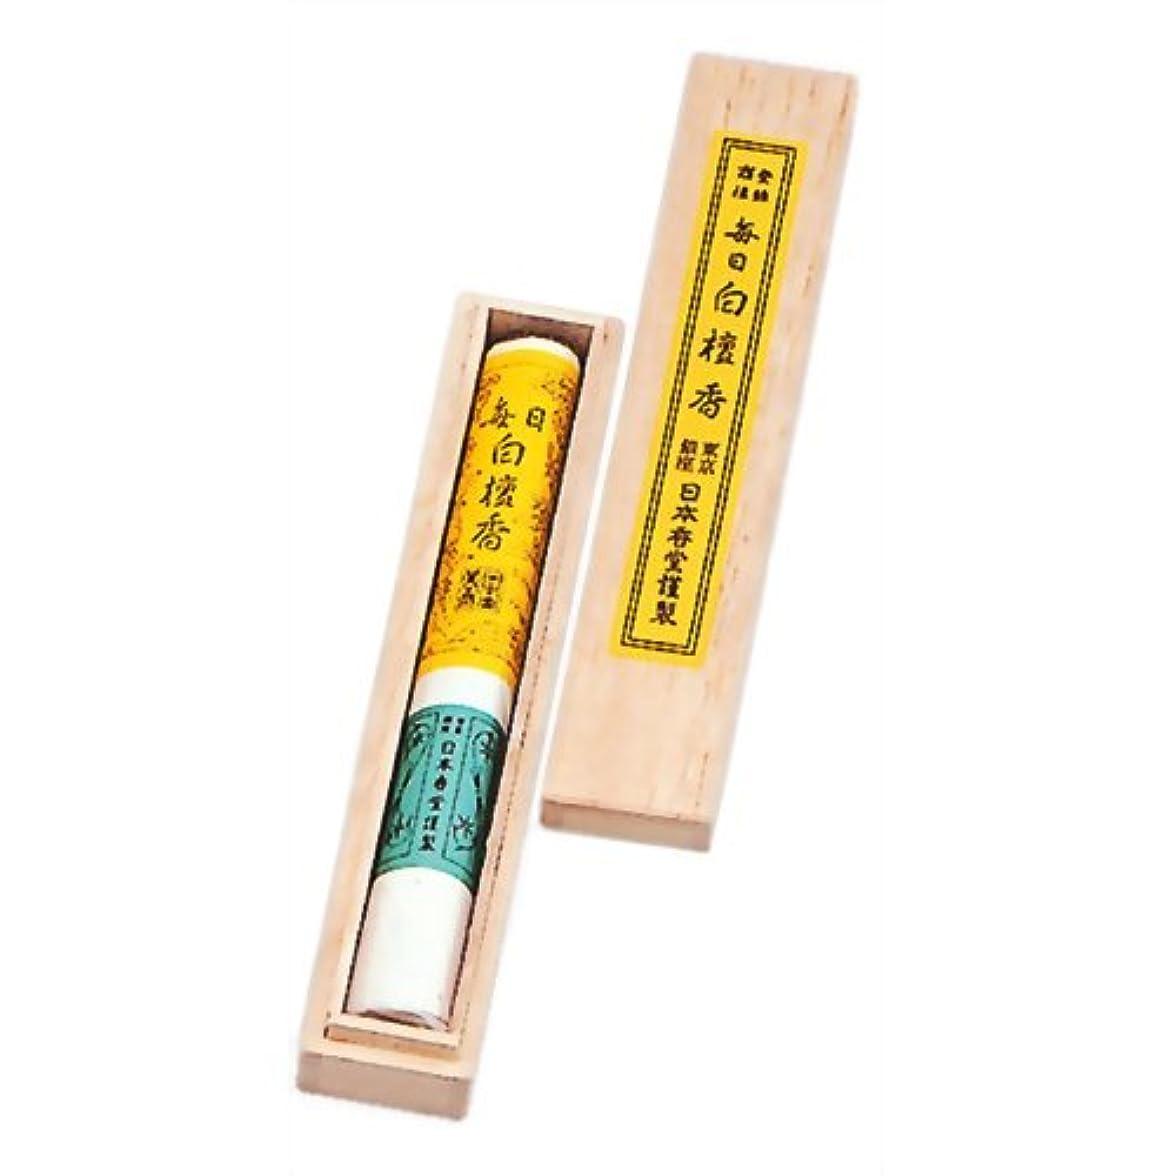 デクリメント奨学金電極毎日白檀香 お香 桐箱入短寸